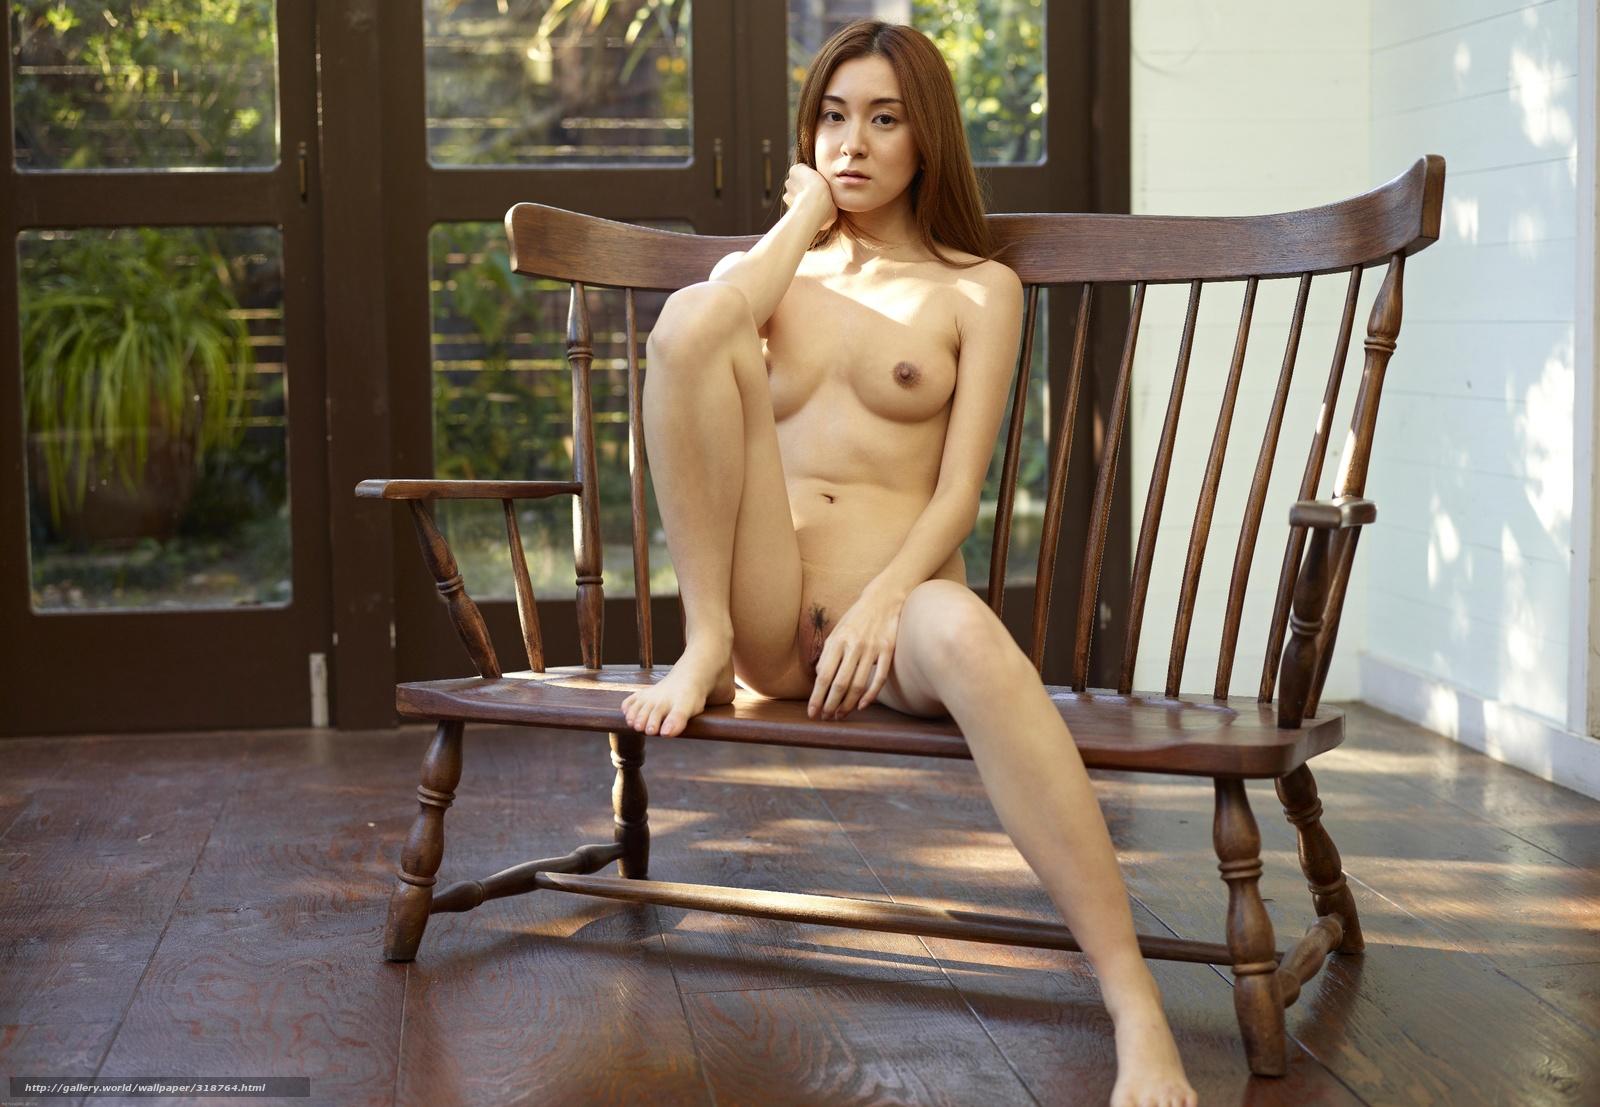 Японски раздеваются фото 13 фотография